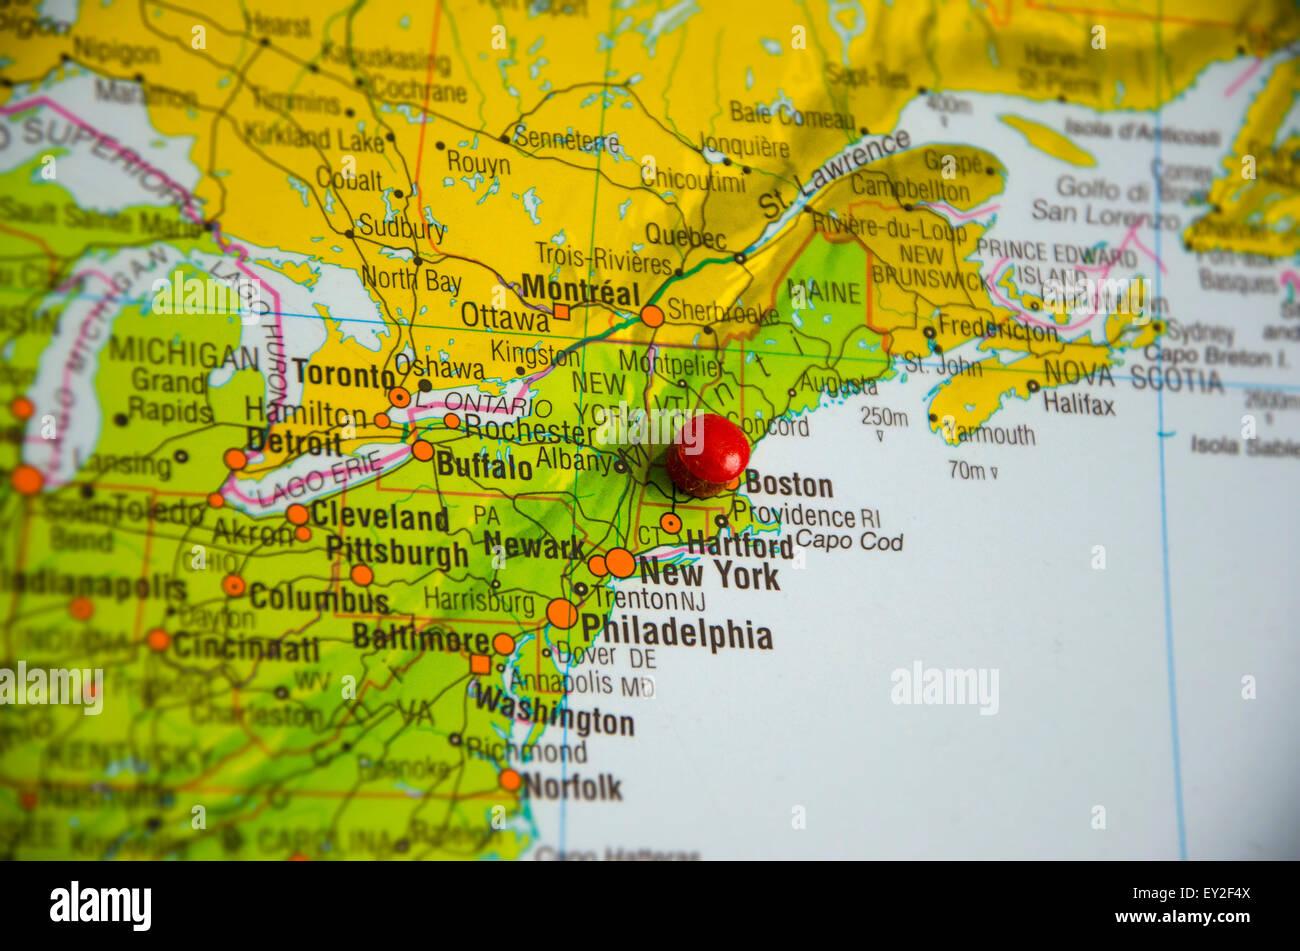 Carte Cote Est Usa Ville.Emplacement Reserve Sur La Ville De Boston Dans La Carte Des